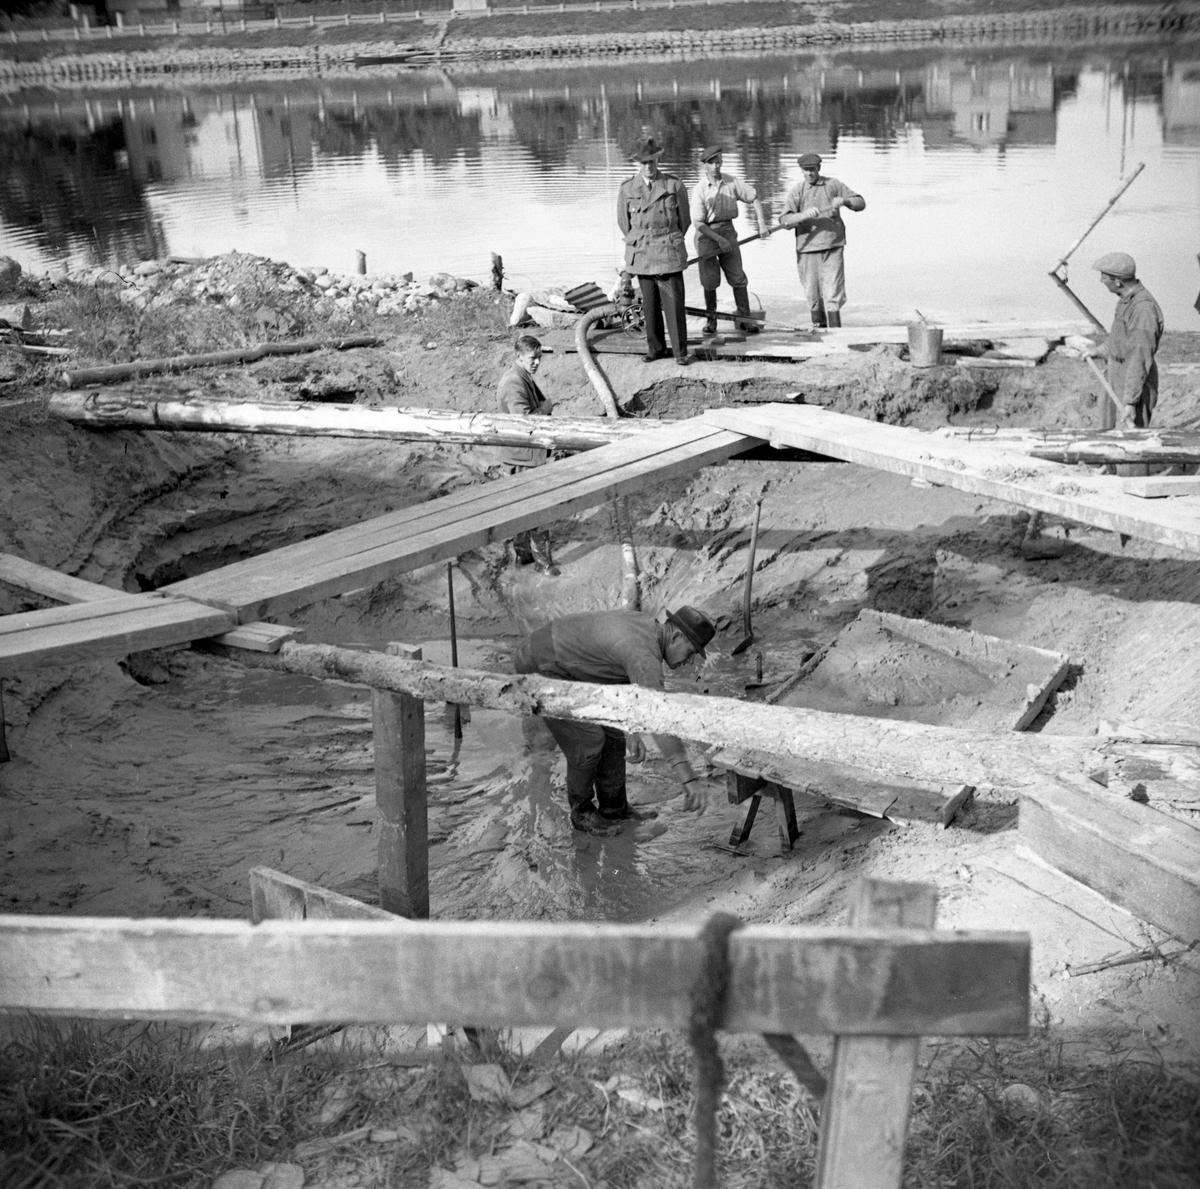 Ett båtvrak hittas vid lågvatten 1934 i Klarälven nedanför sysslomannens villa på lasarettsområdet, vilket är i höjd med Bernstadsgatans anslutning till Romstadsvägen tvärsöver älven.